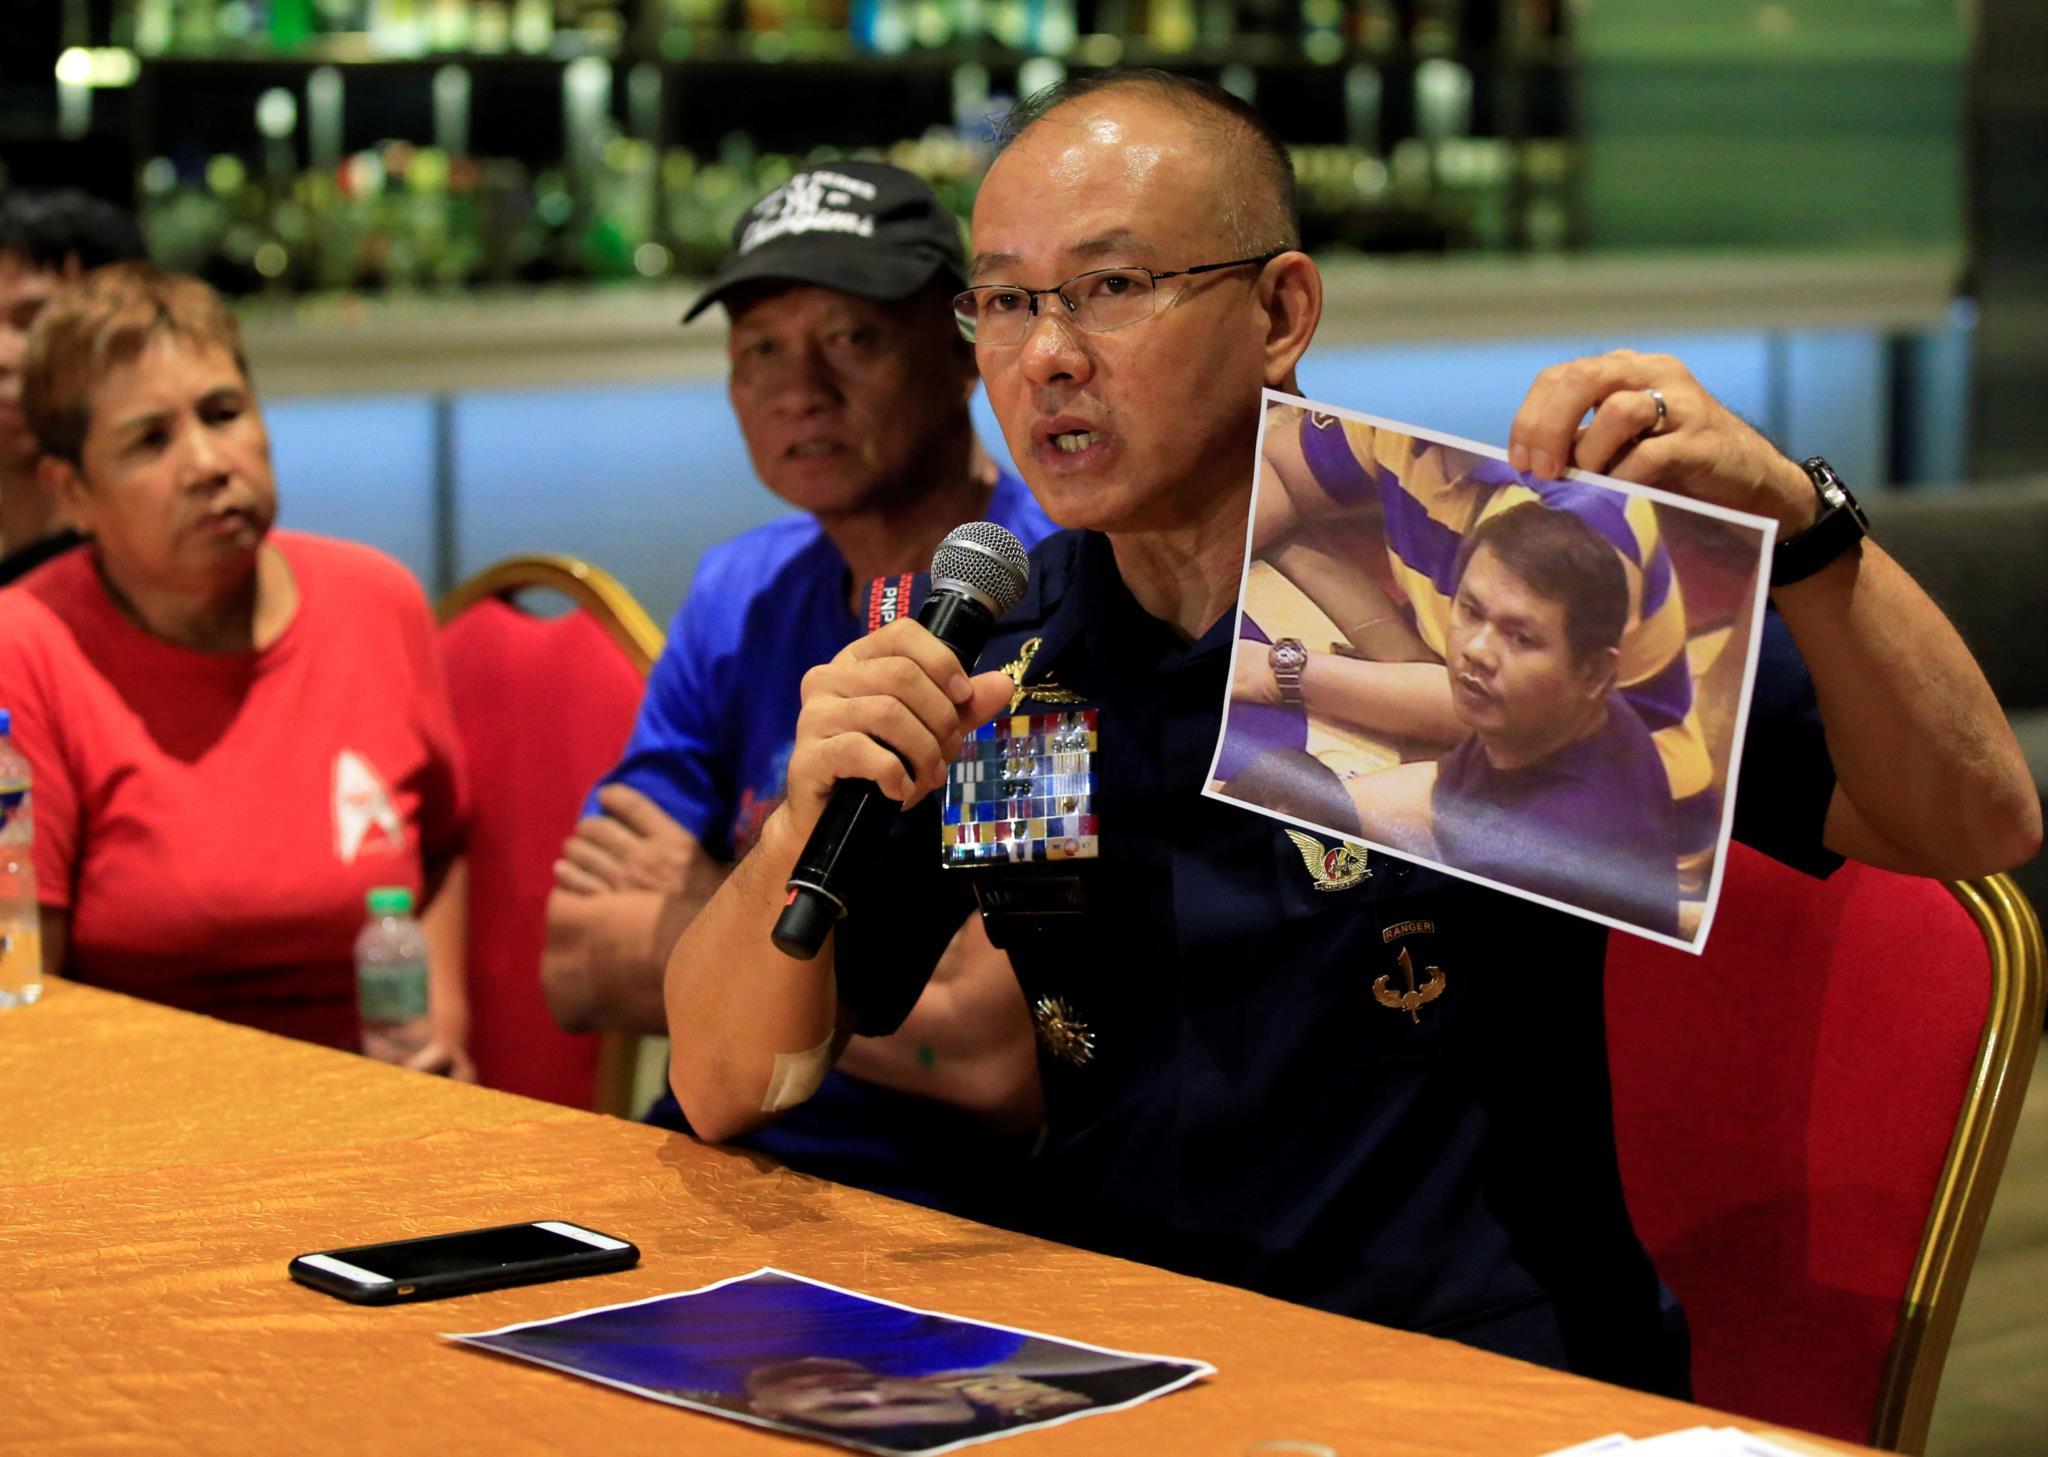 A polícia divulgou a identidade do homem durante uma conferência de imprensa